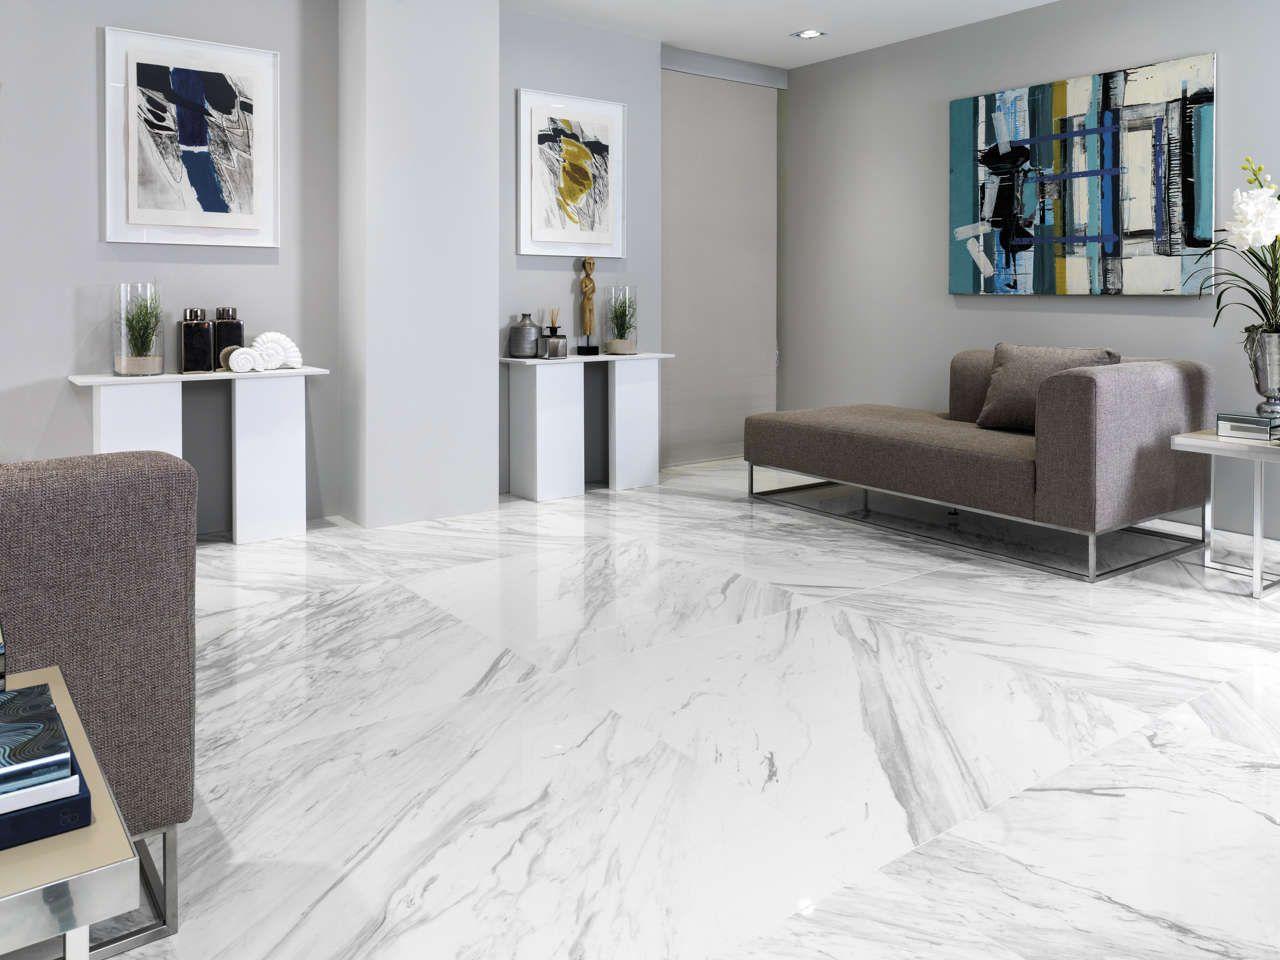 Pavimento porcel nico t cnico marble calacatta polished for Pavimento porcelanico interior